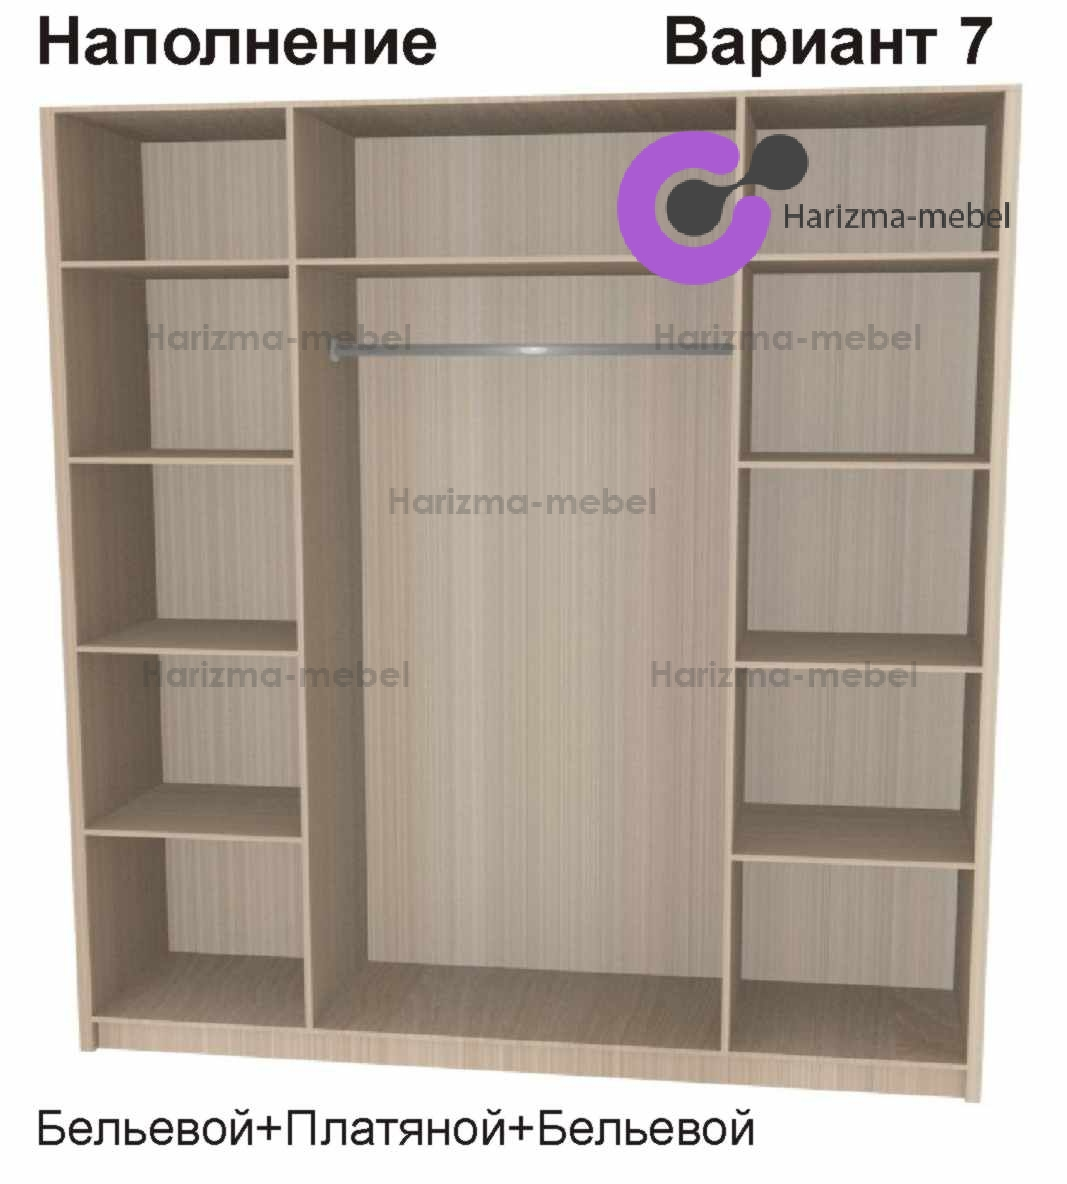 Шкаф-купе стайл-2 от производителя харизма мебель.